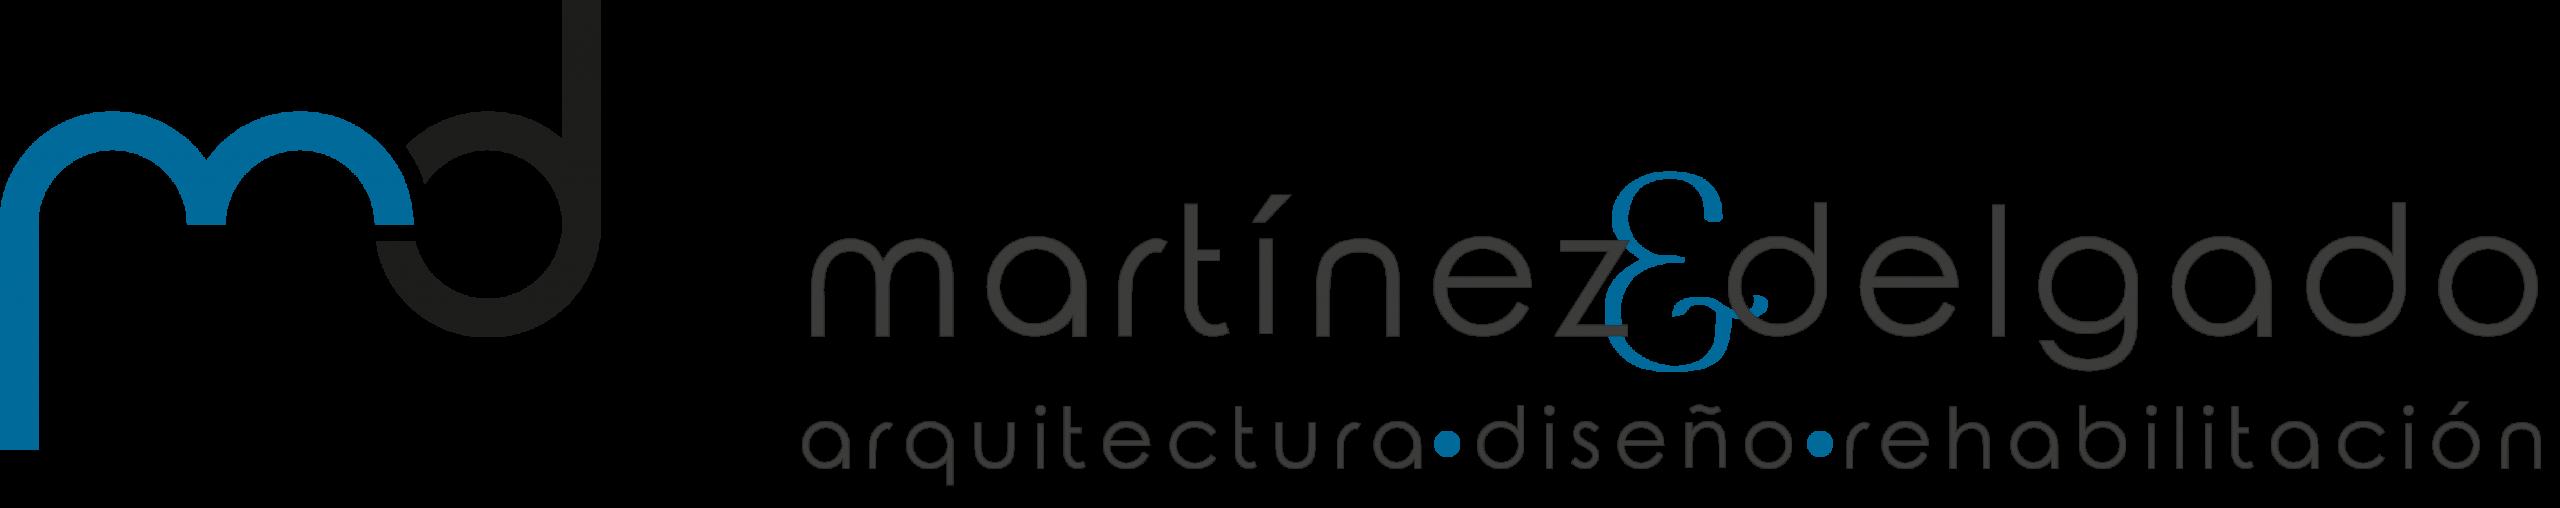 Martínez y Delgado Arquitectos